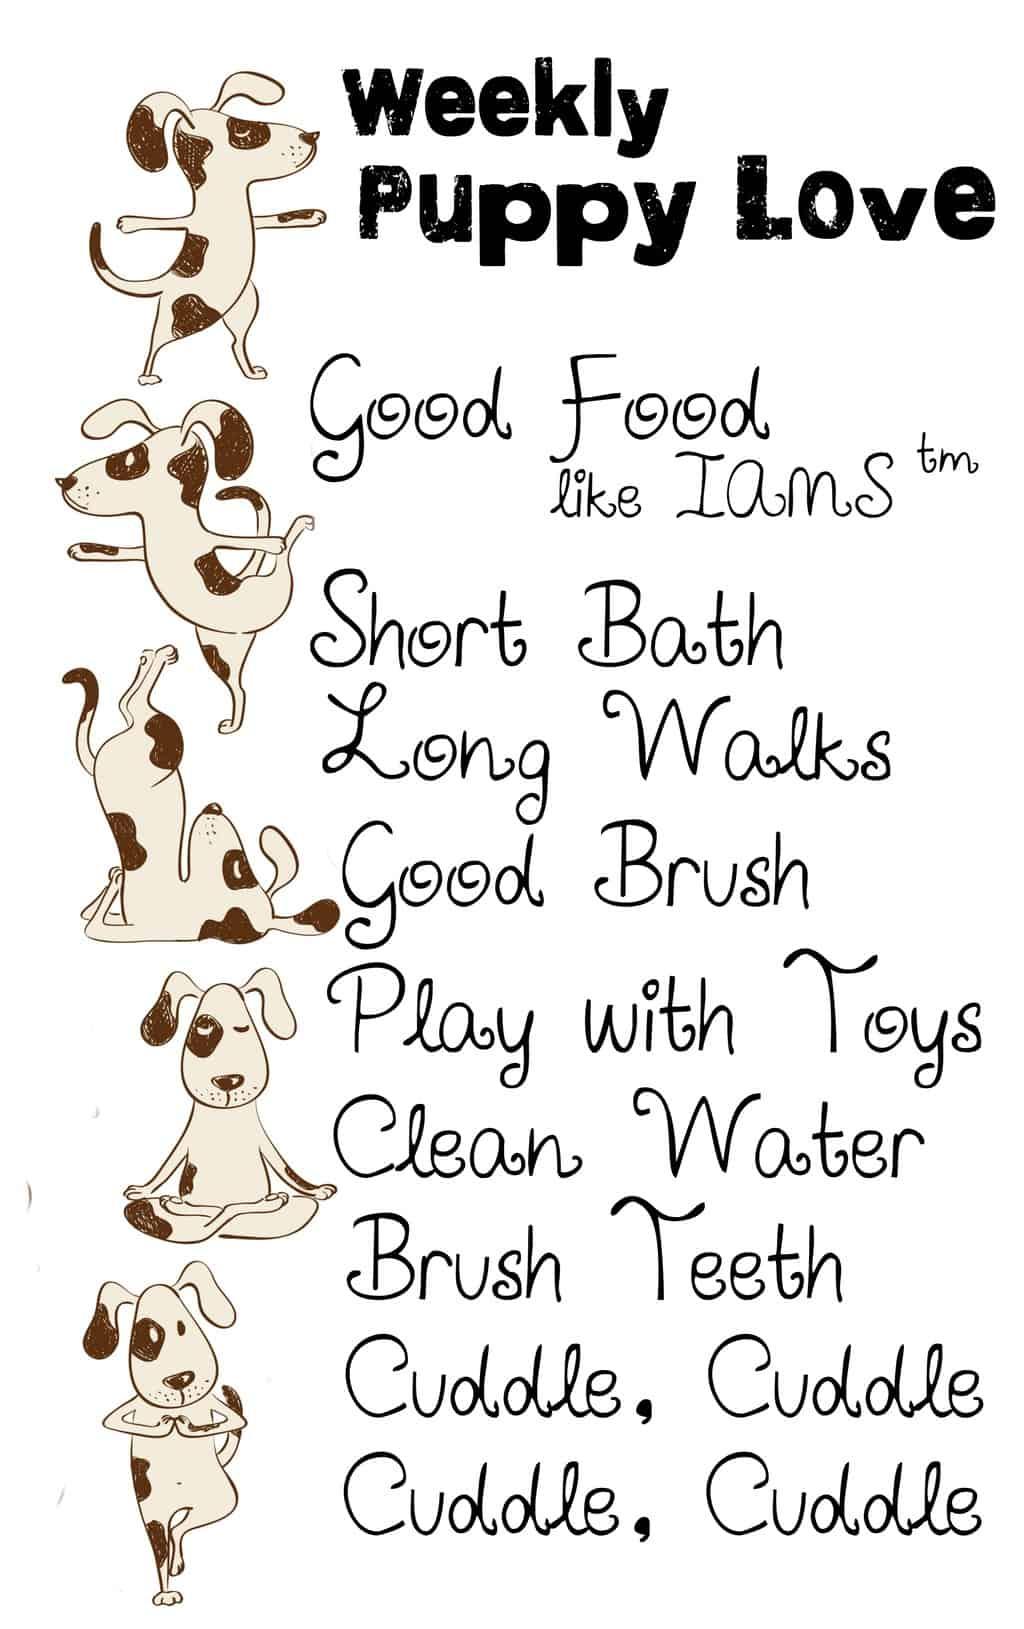 weekly-puppy-love-checklist